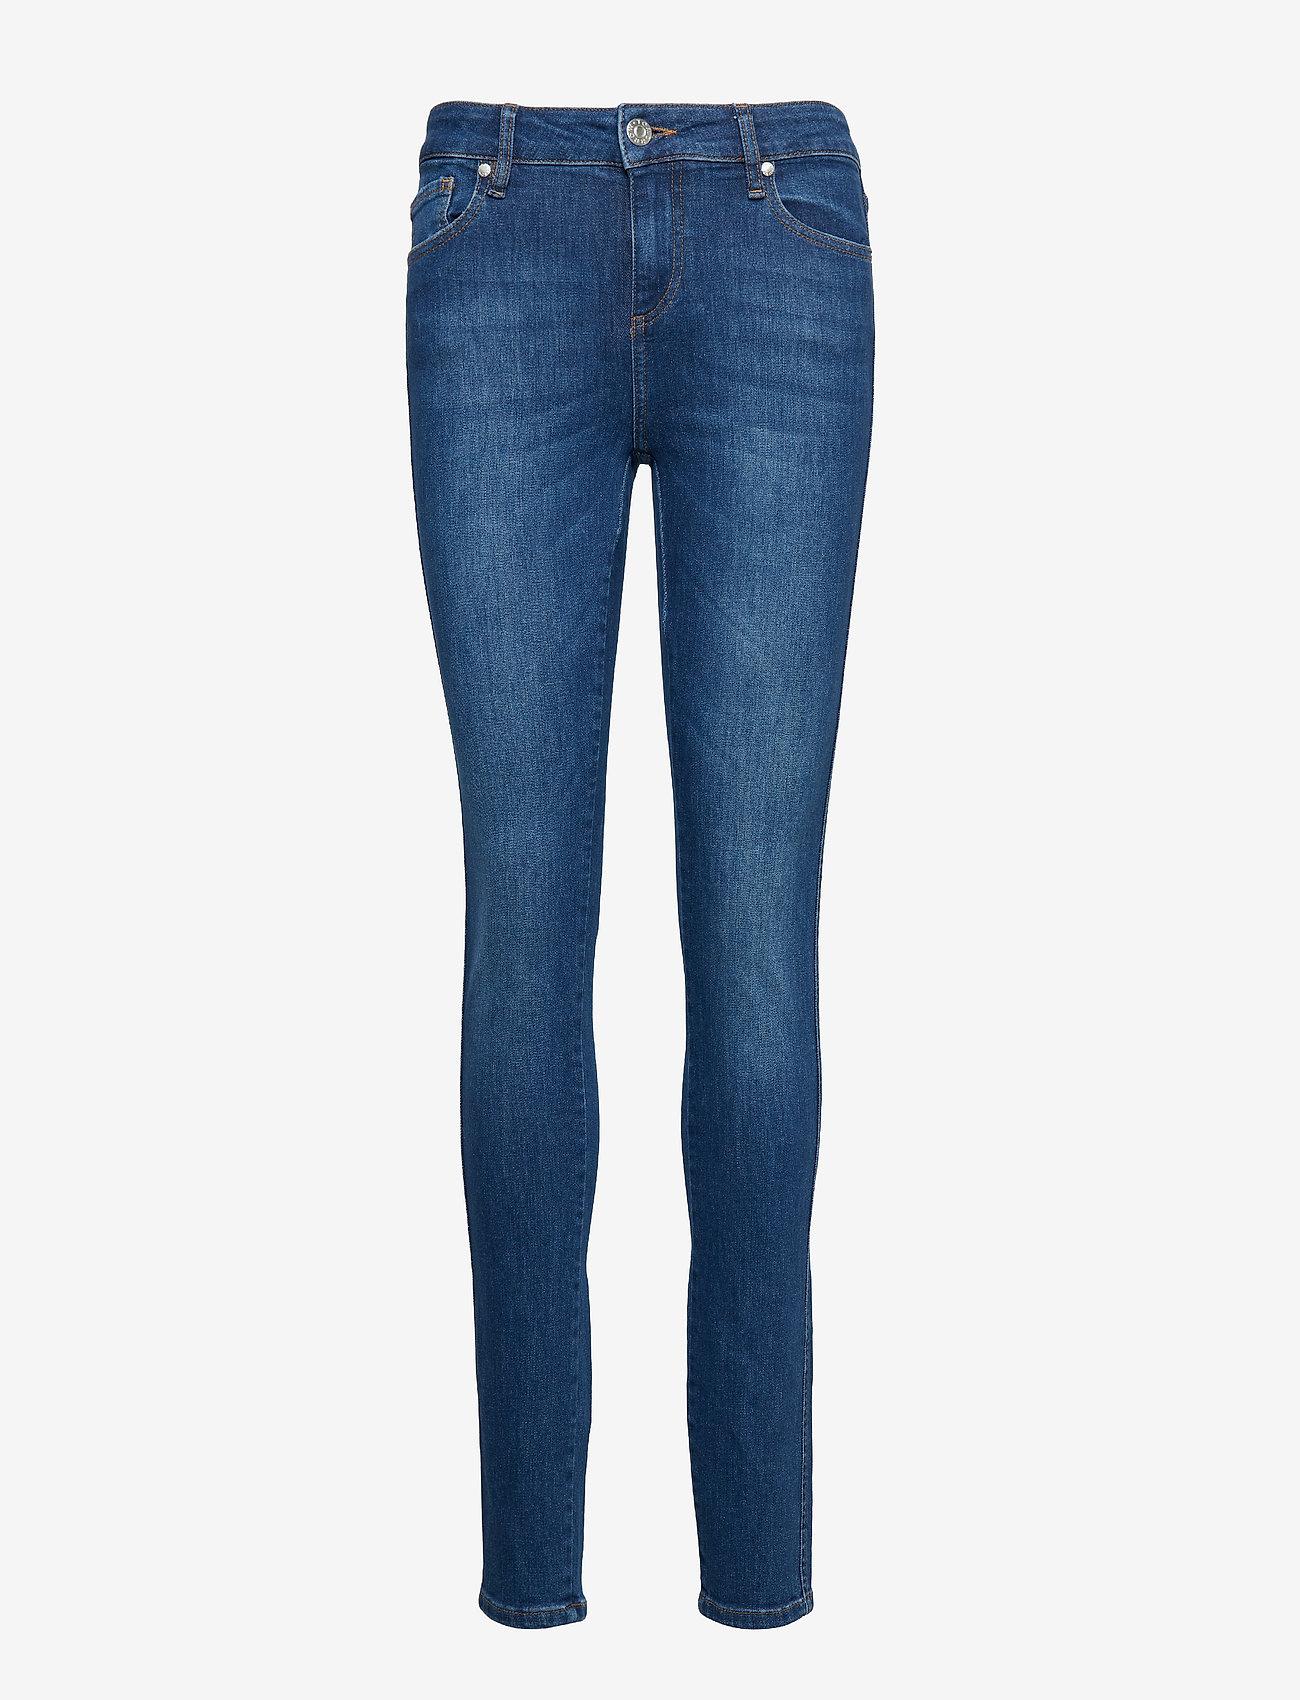 Tomorrow - Dylan MW skinny wash Palermo - skinny jeans - 51 denim blue - 0